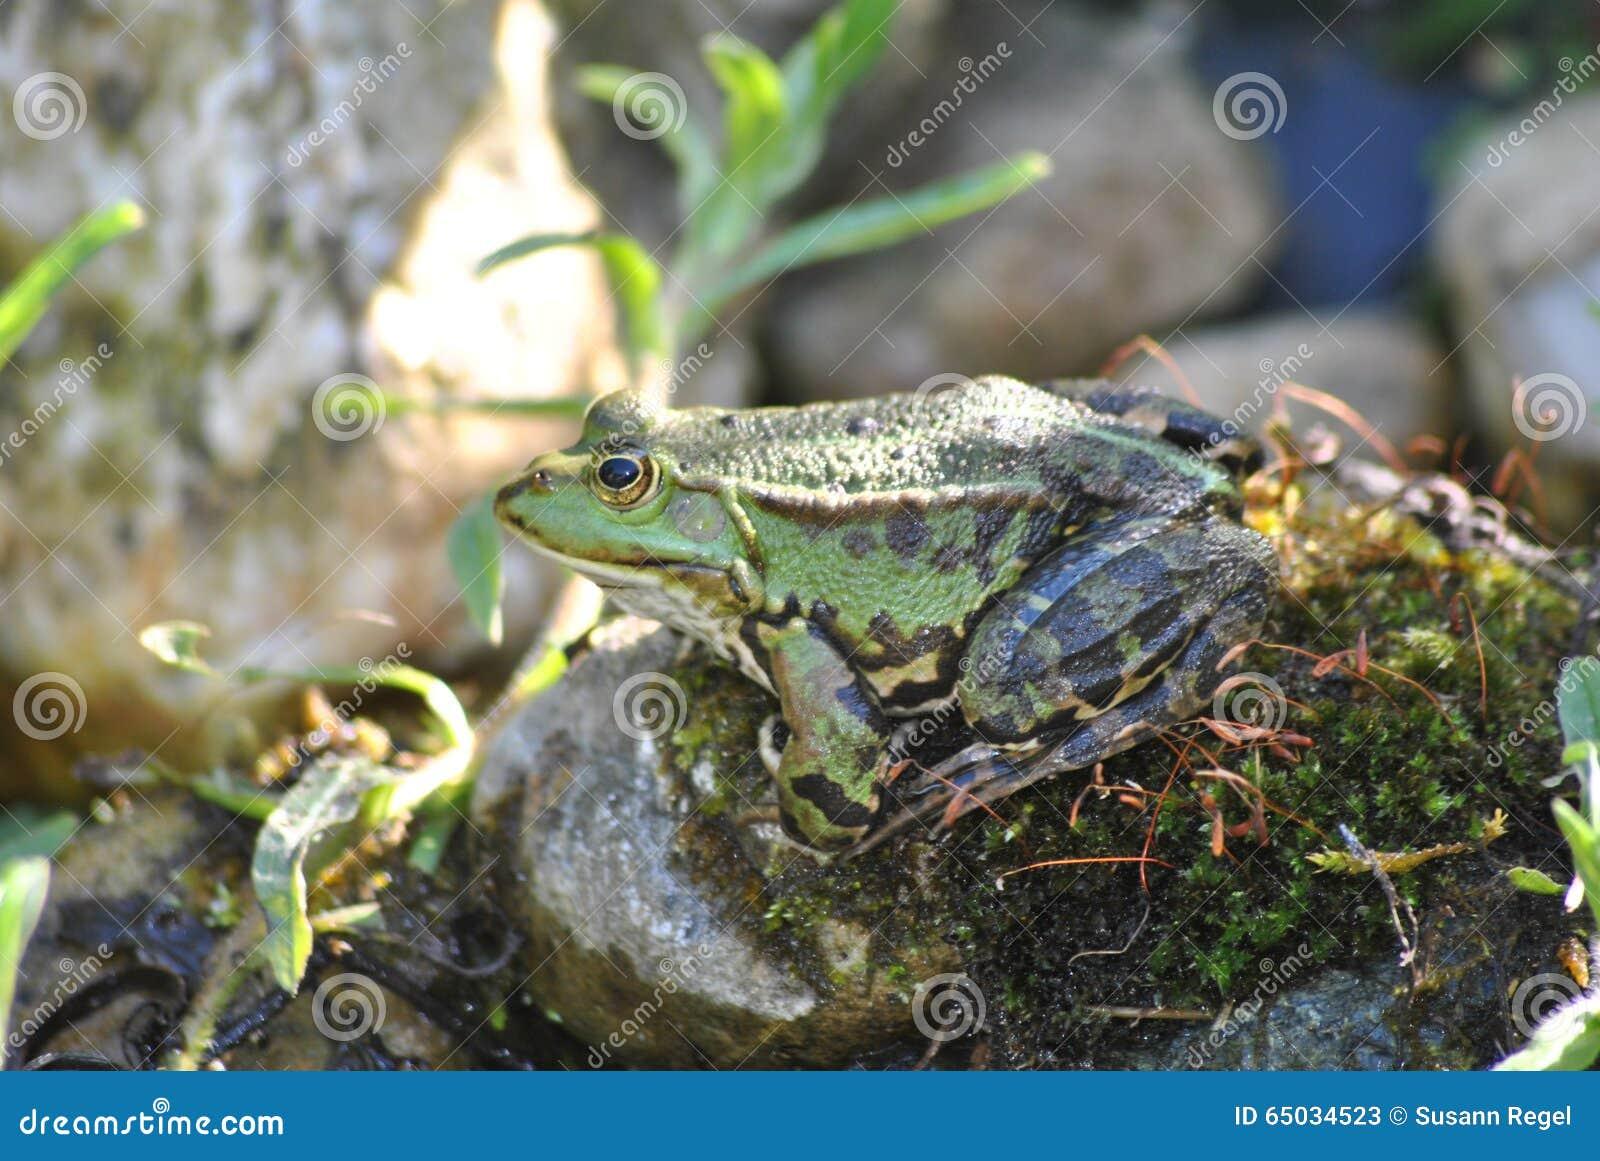 Frosch, der auf Stein sitzt